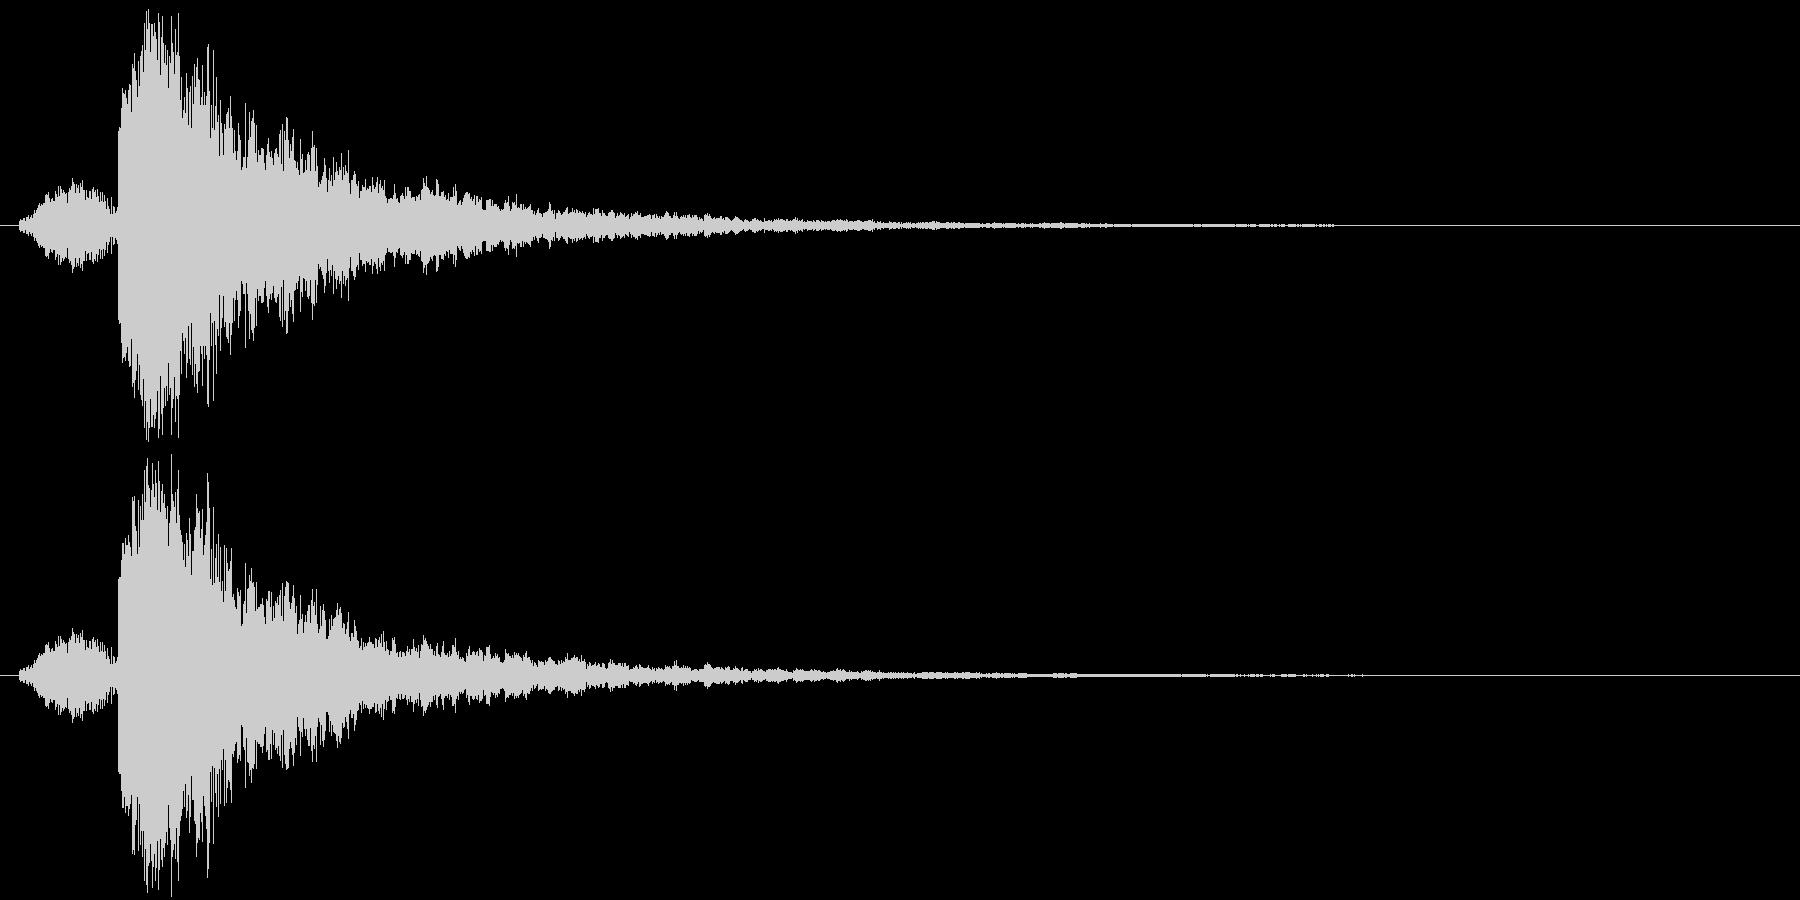 シャキーン 衝撃 金属音 定番の未再生の波形